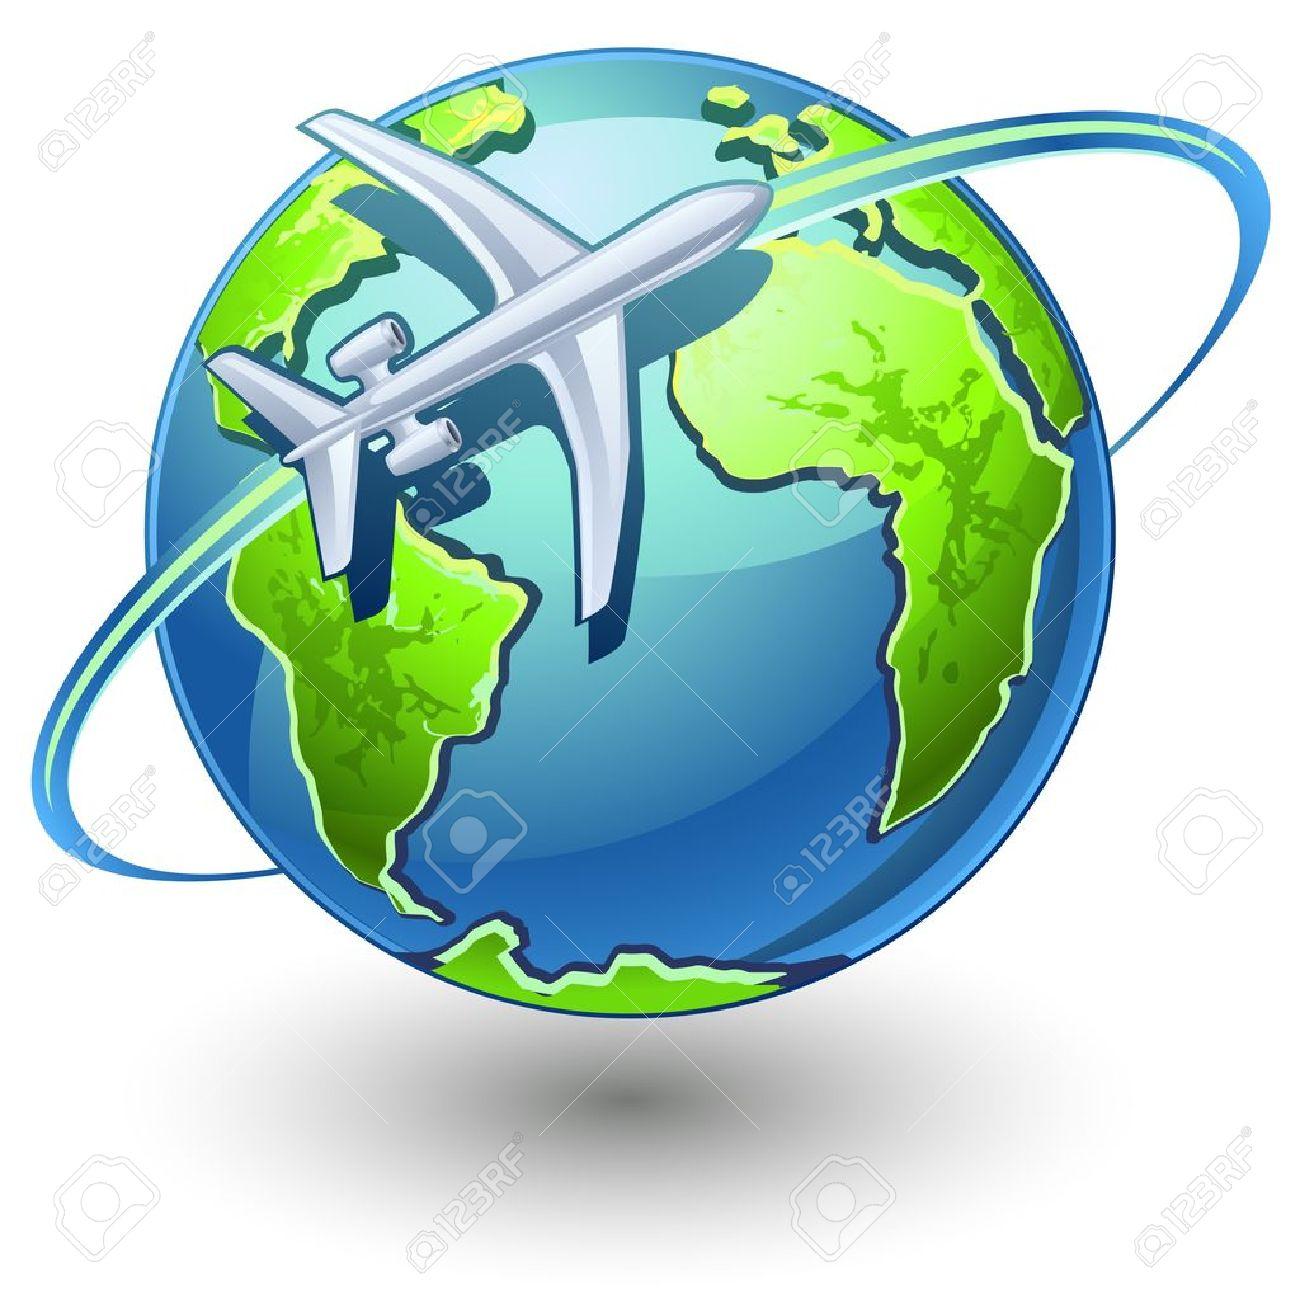 Bildresultat för flyg clipart